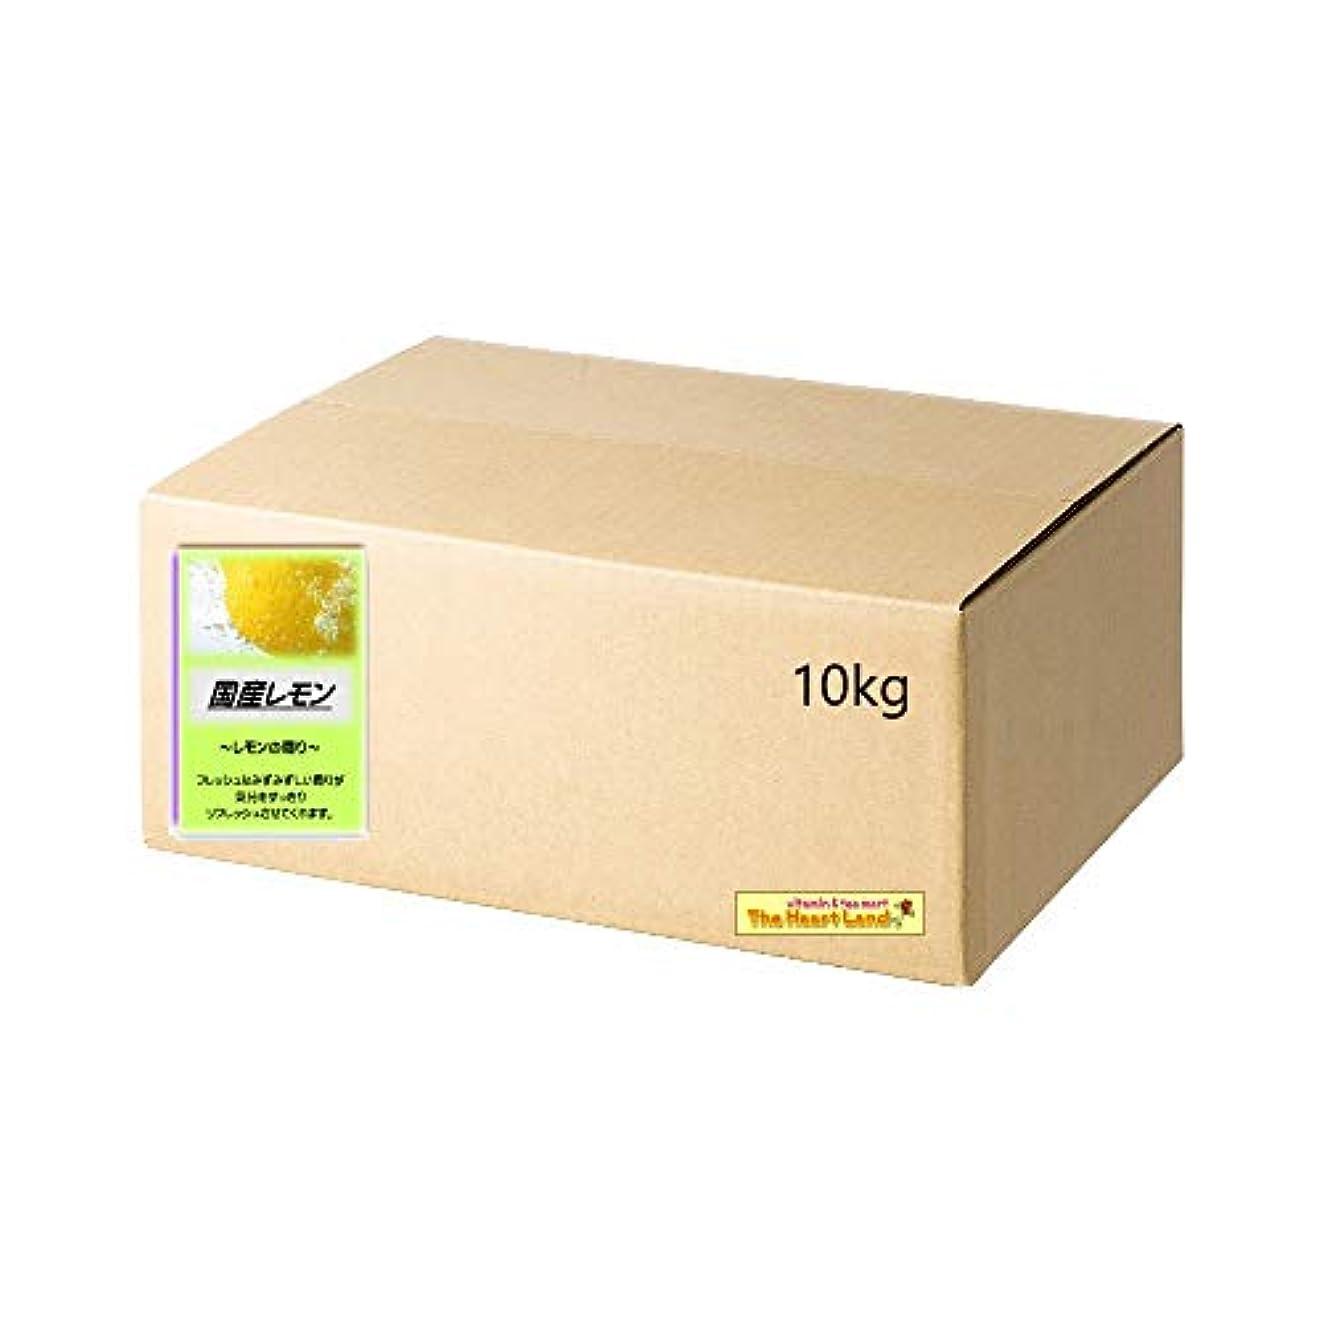 レジデンス学校の先生飛ぶアサヒ入浴剤 浴用入浴化粧品 国産レモン 10kg